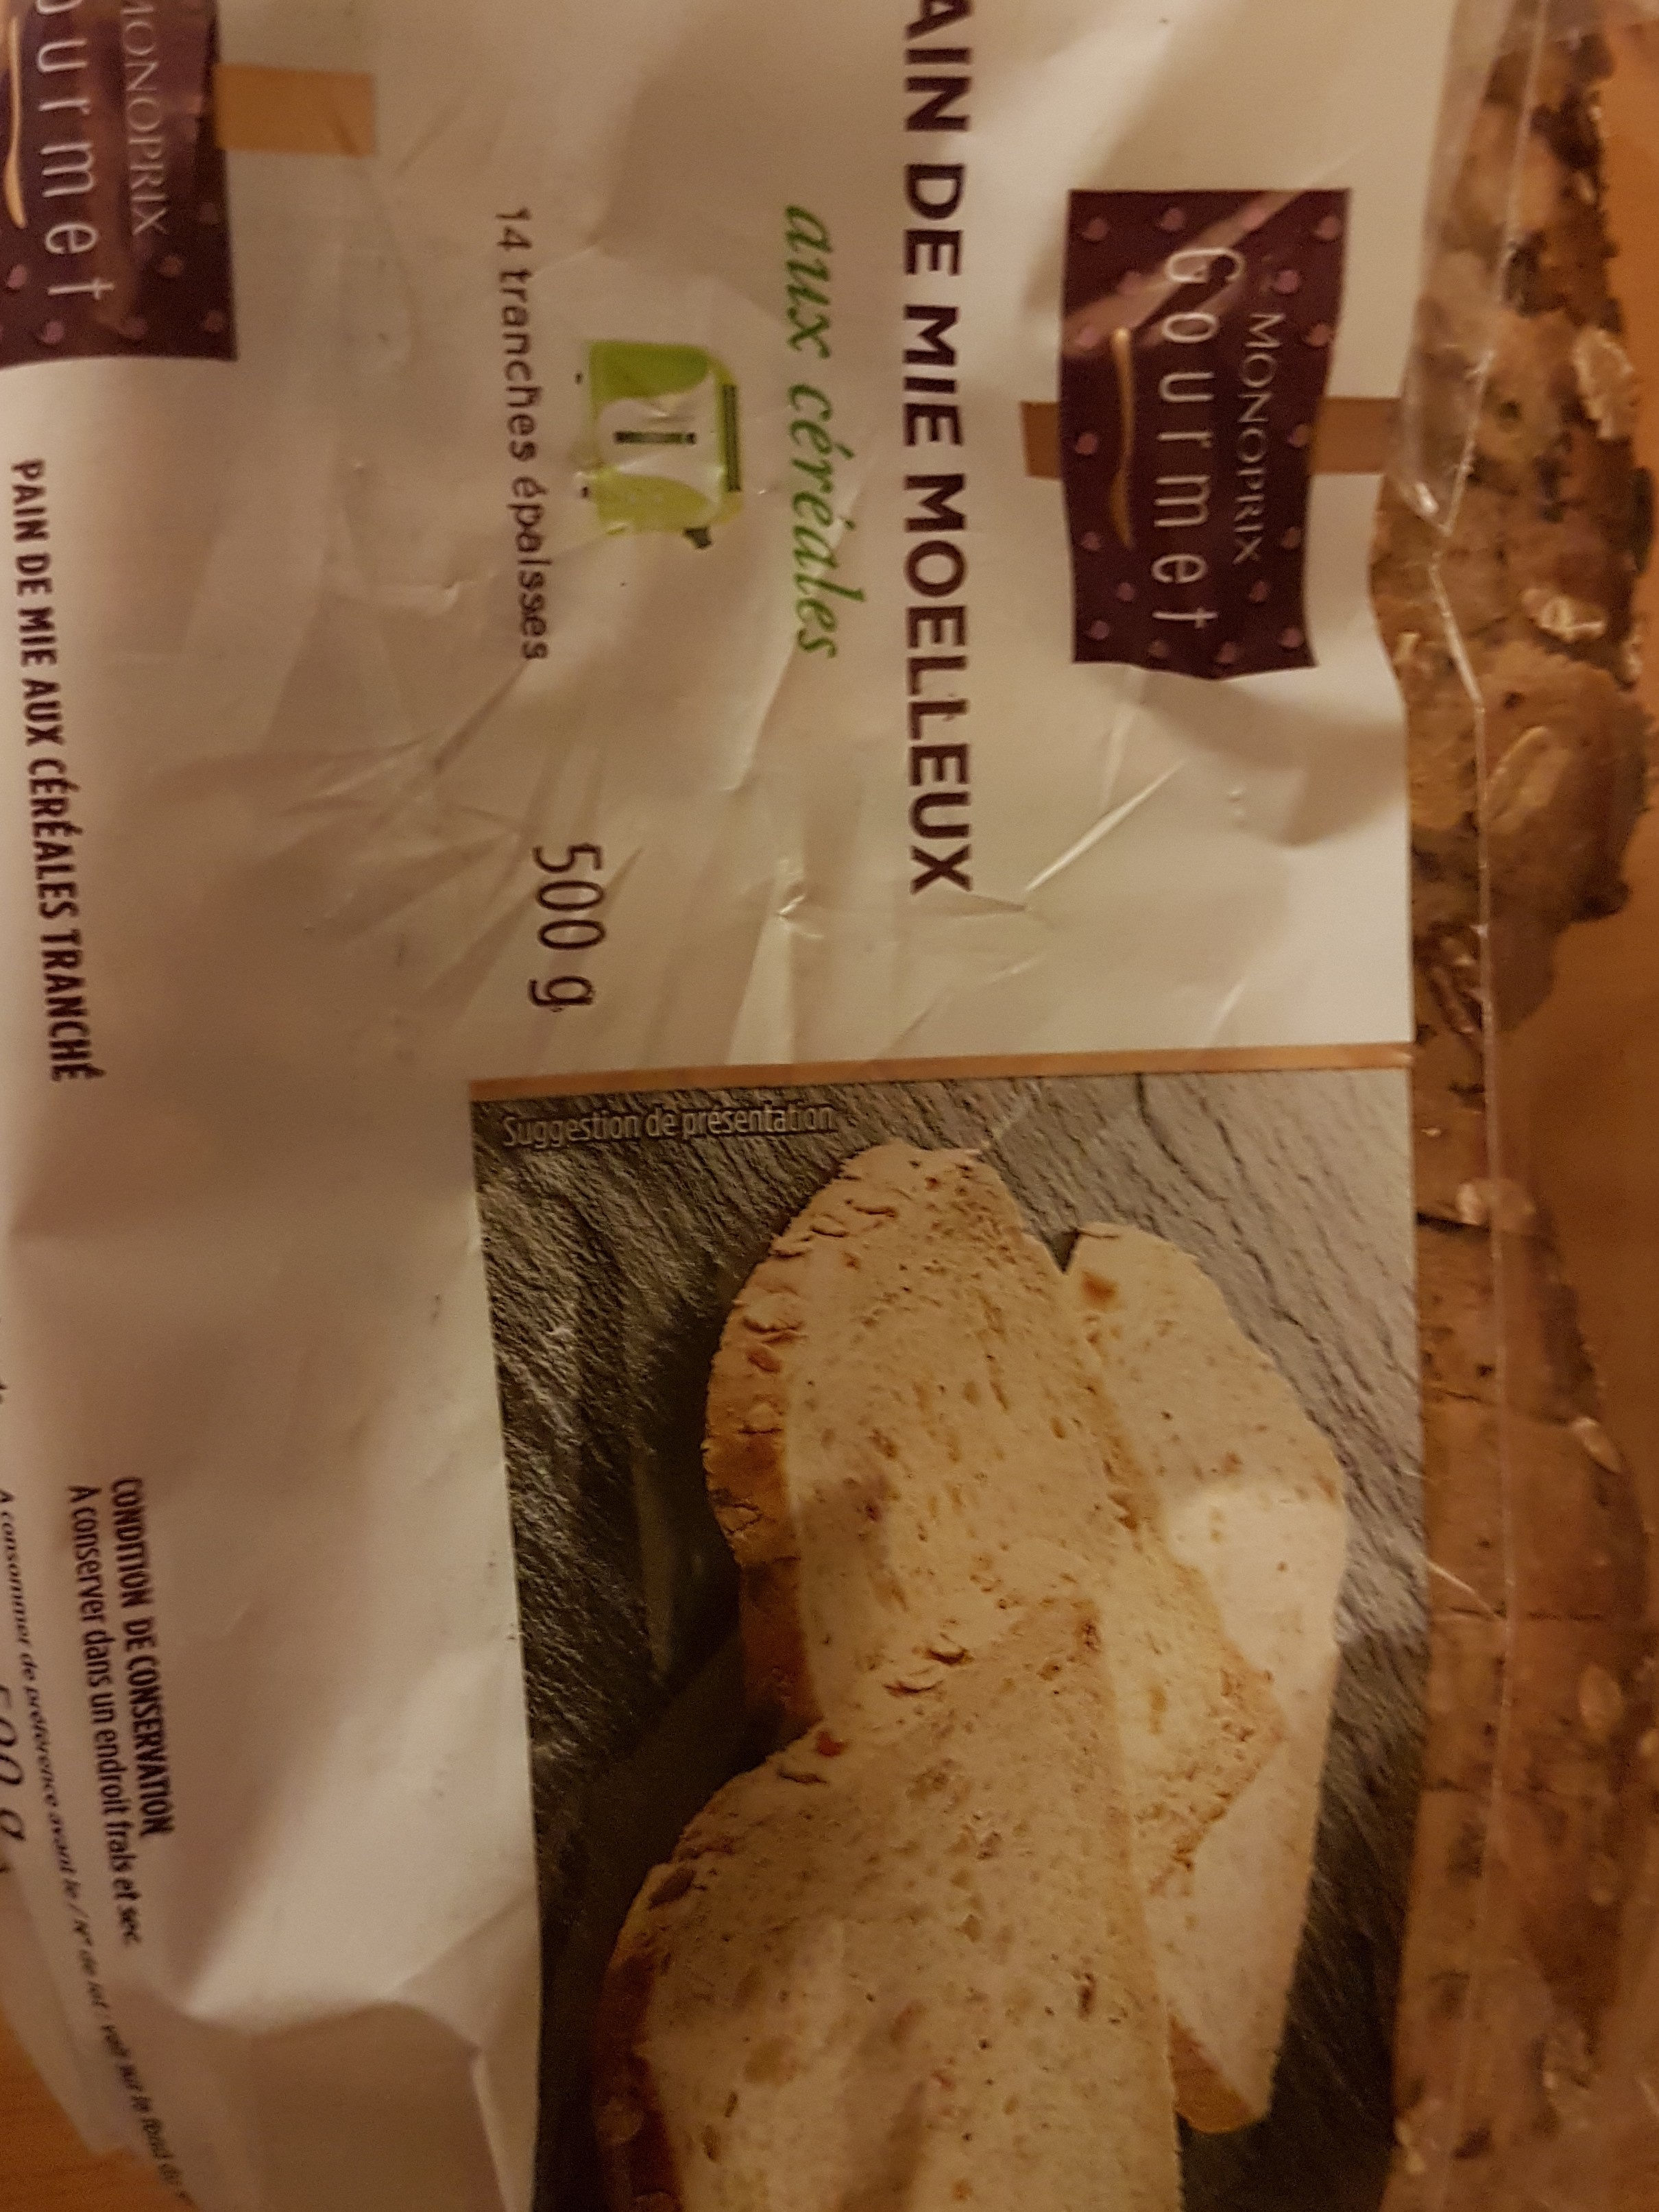 paim de mie moelleux aux céréales - Produit - fr